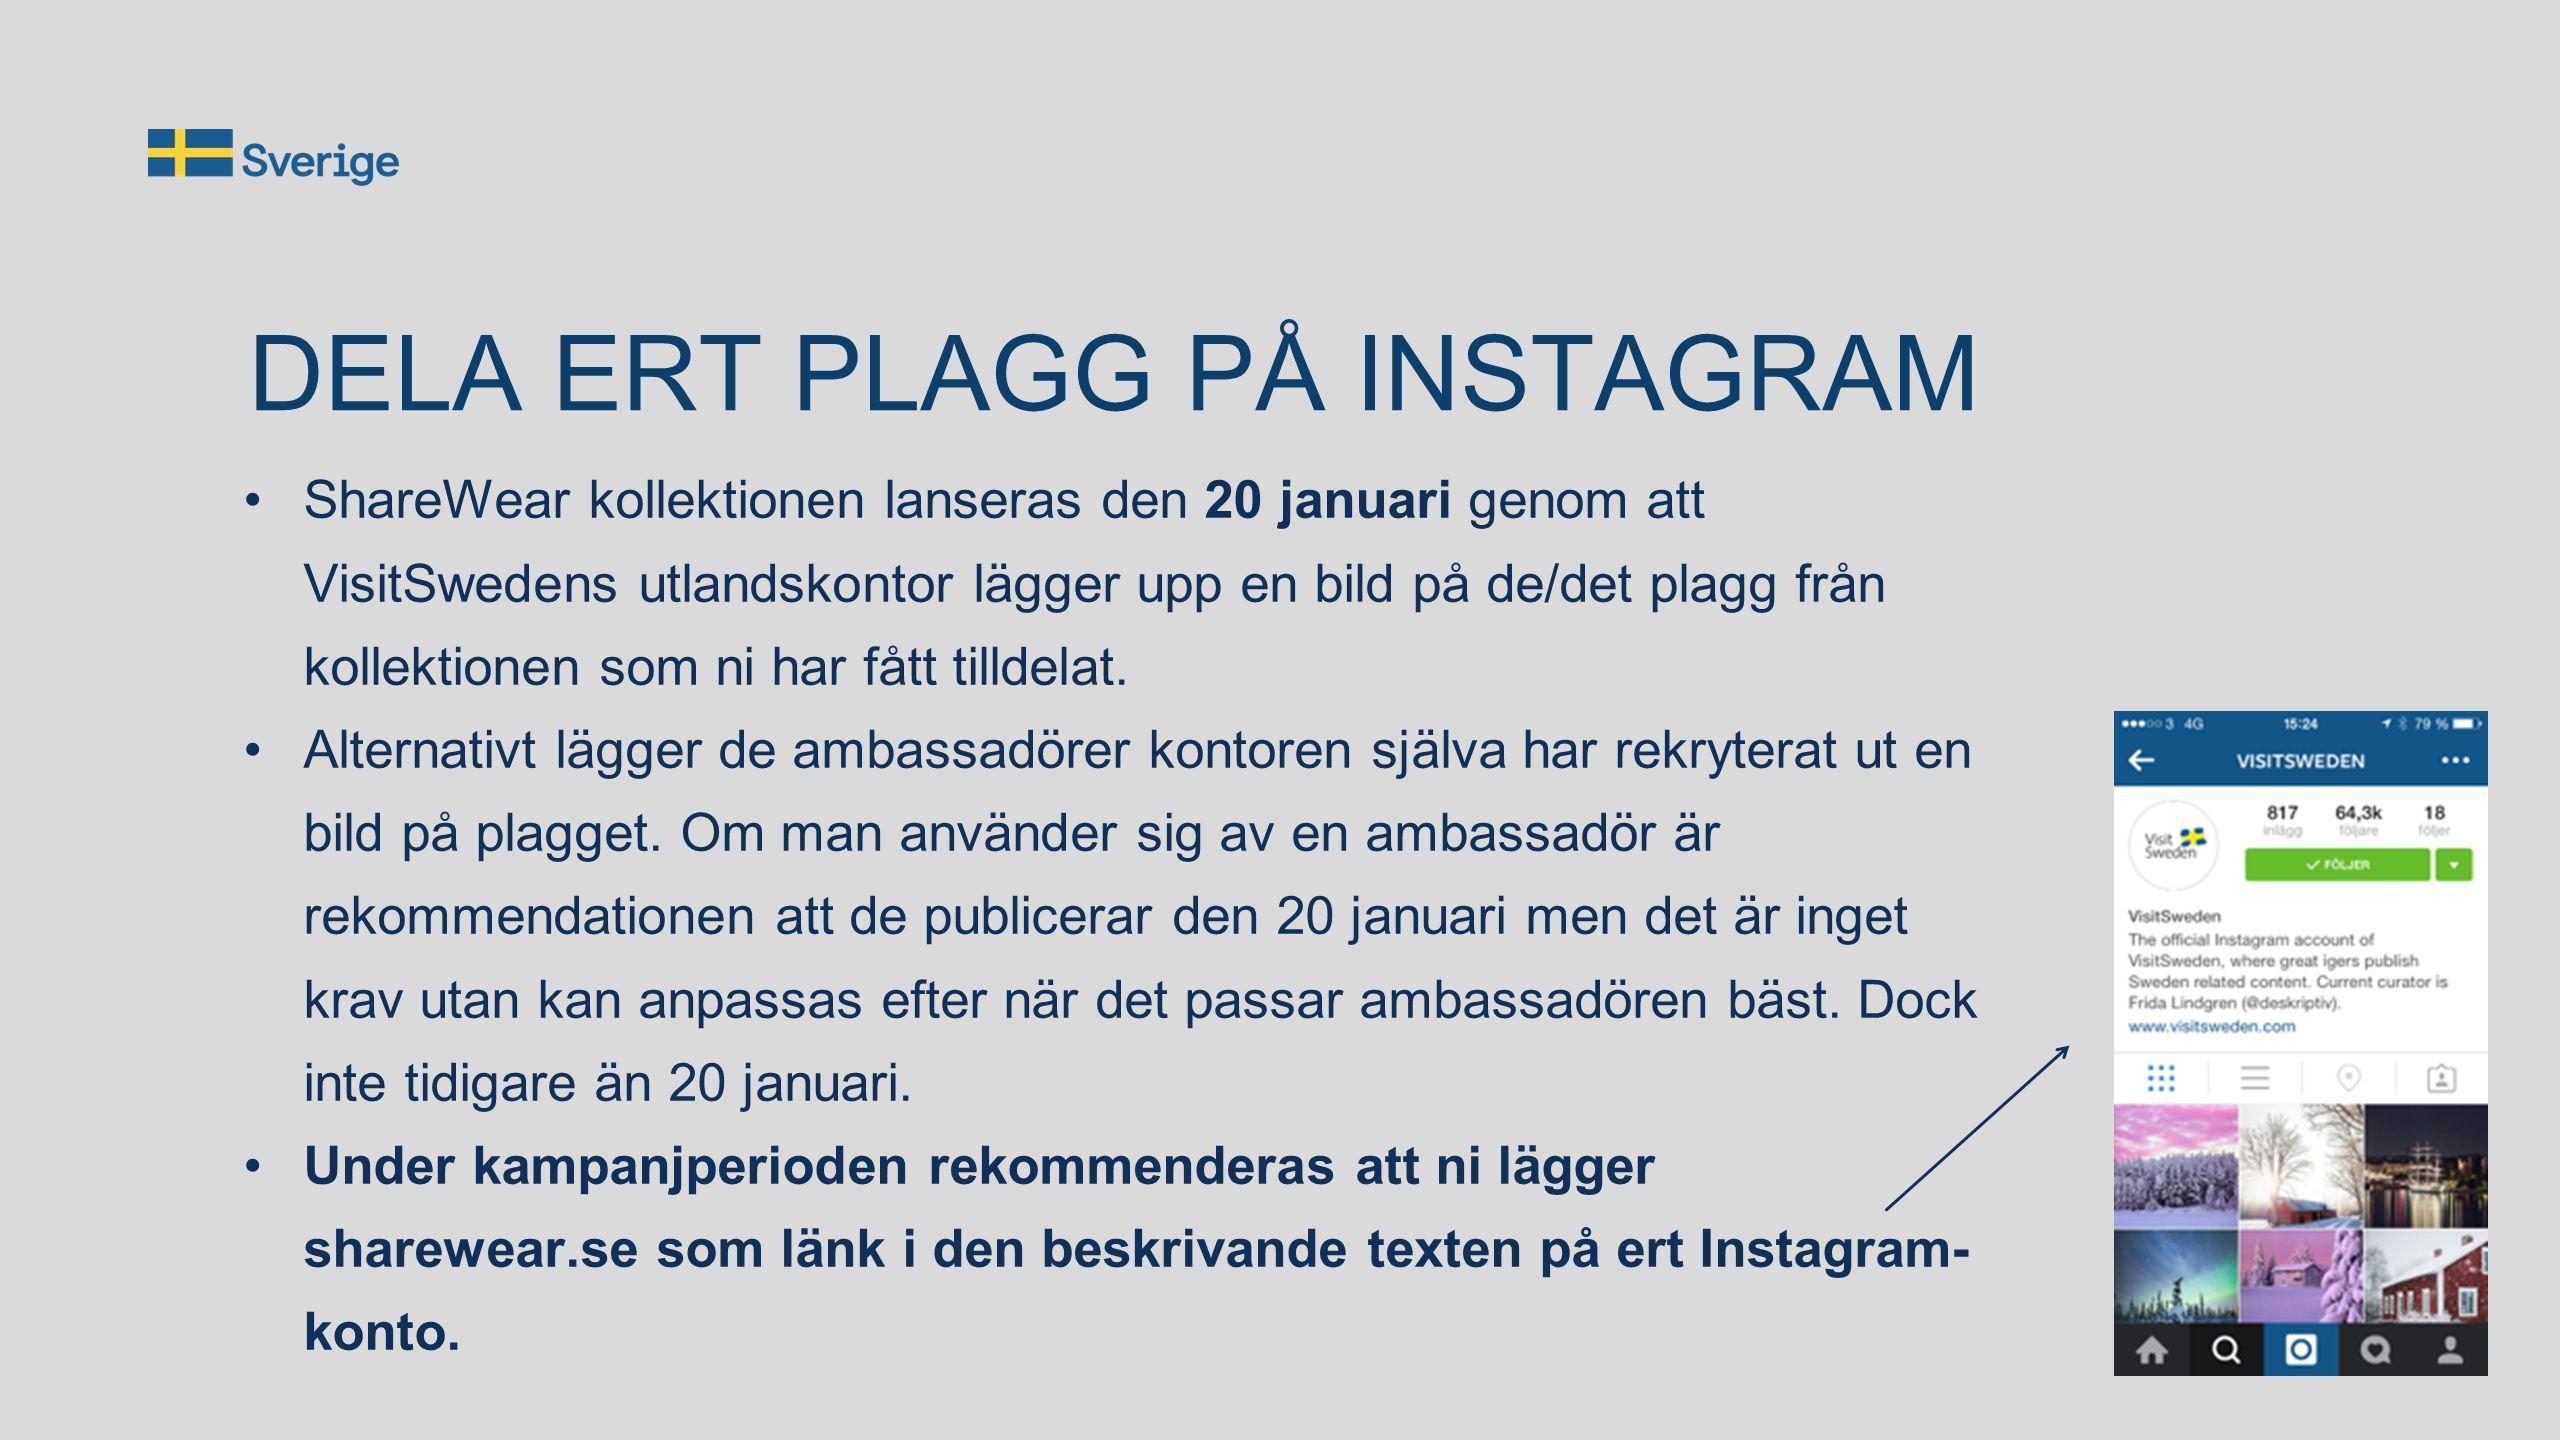 DELA ERT PLAGG PÅ INSTAGRAM ShareWear kollektionen lanseras den 20 januari genom att VisitSwedens utlandskontor lägger upp en bild på de/det plagg från kollektionen som ni har fått tilldelat.